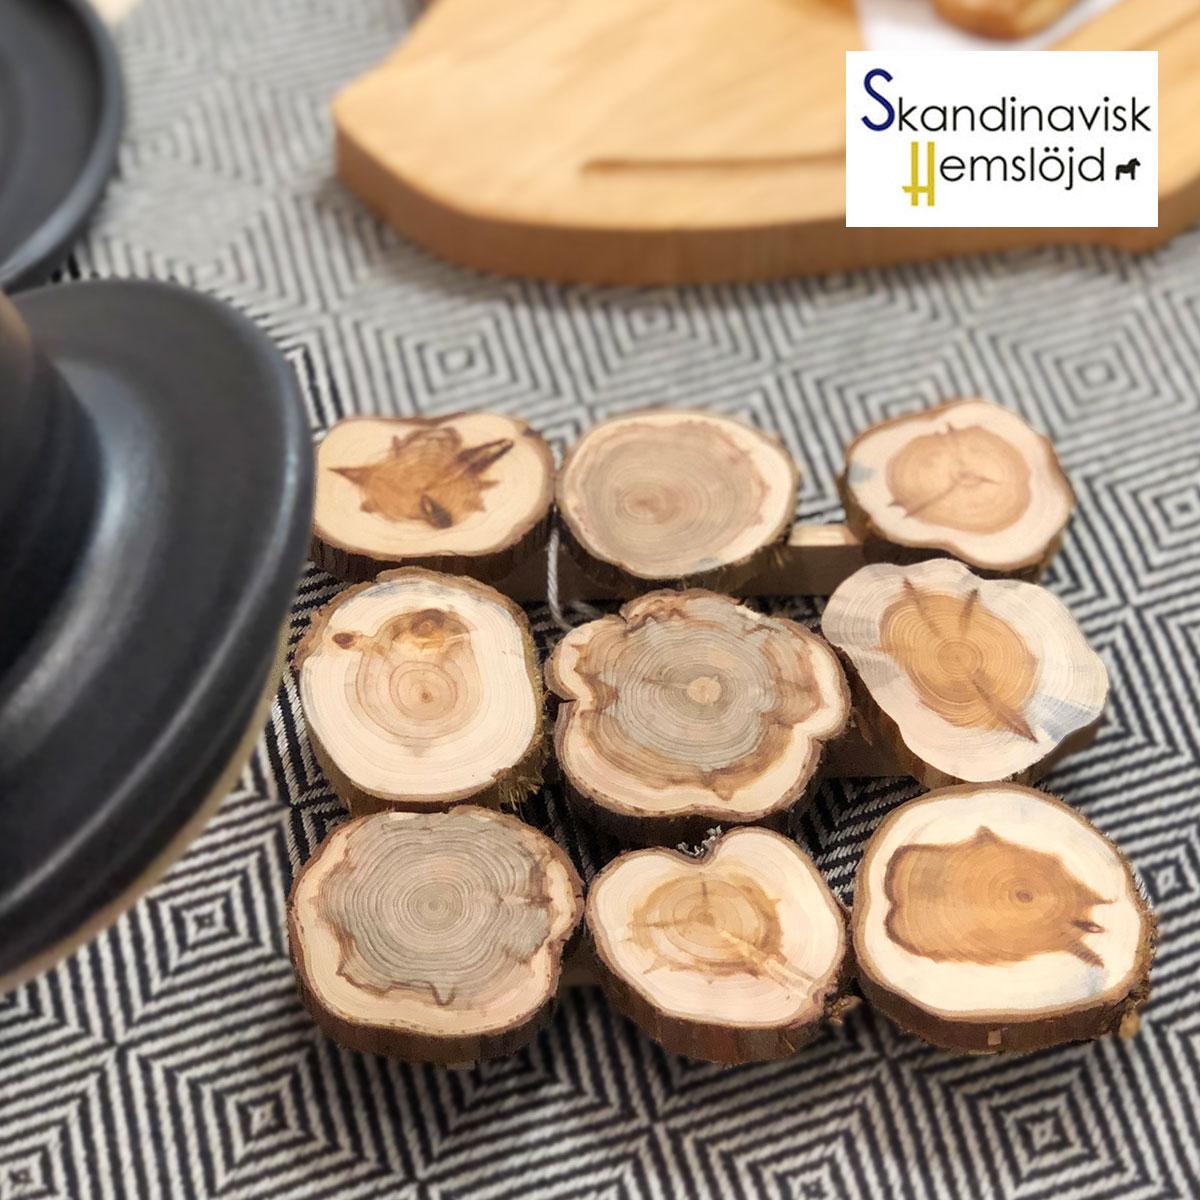 大幅値下げランキング Skandinavisk.H スカンジナヴィスク 木製鍋敷き おしゃれな北欧食器 職人の手作り スウェーデン 天然木 キッチン雑貨 毎日がバーゲンセール プレゼント ポットホルダー 北欧カトラリー シンプルで美しいデザイン ナチュラルなキッチン雑貨はプレゼントやギフトにも人気